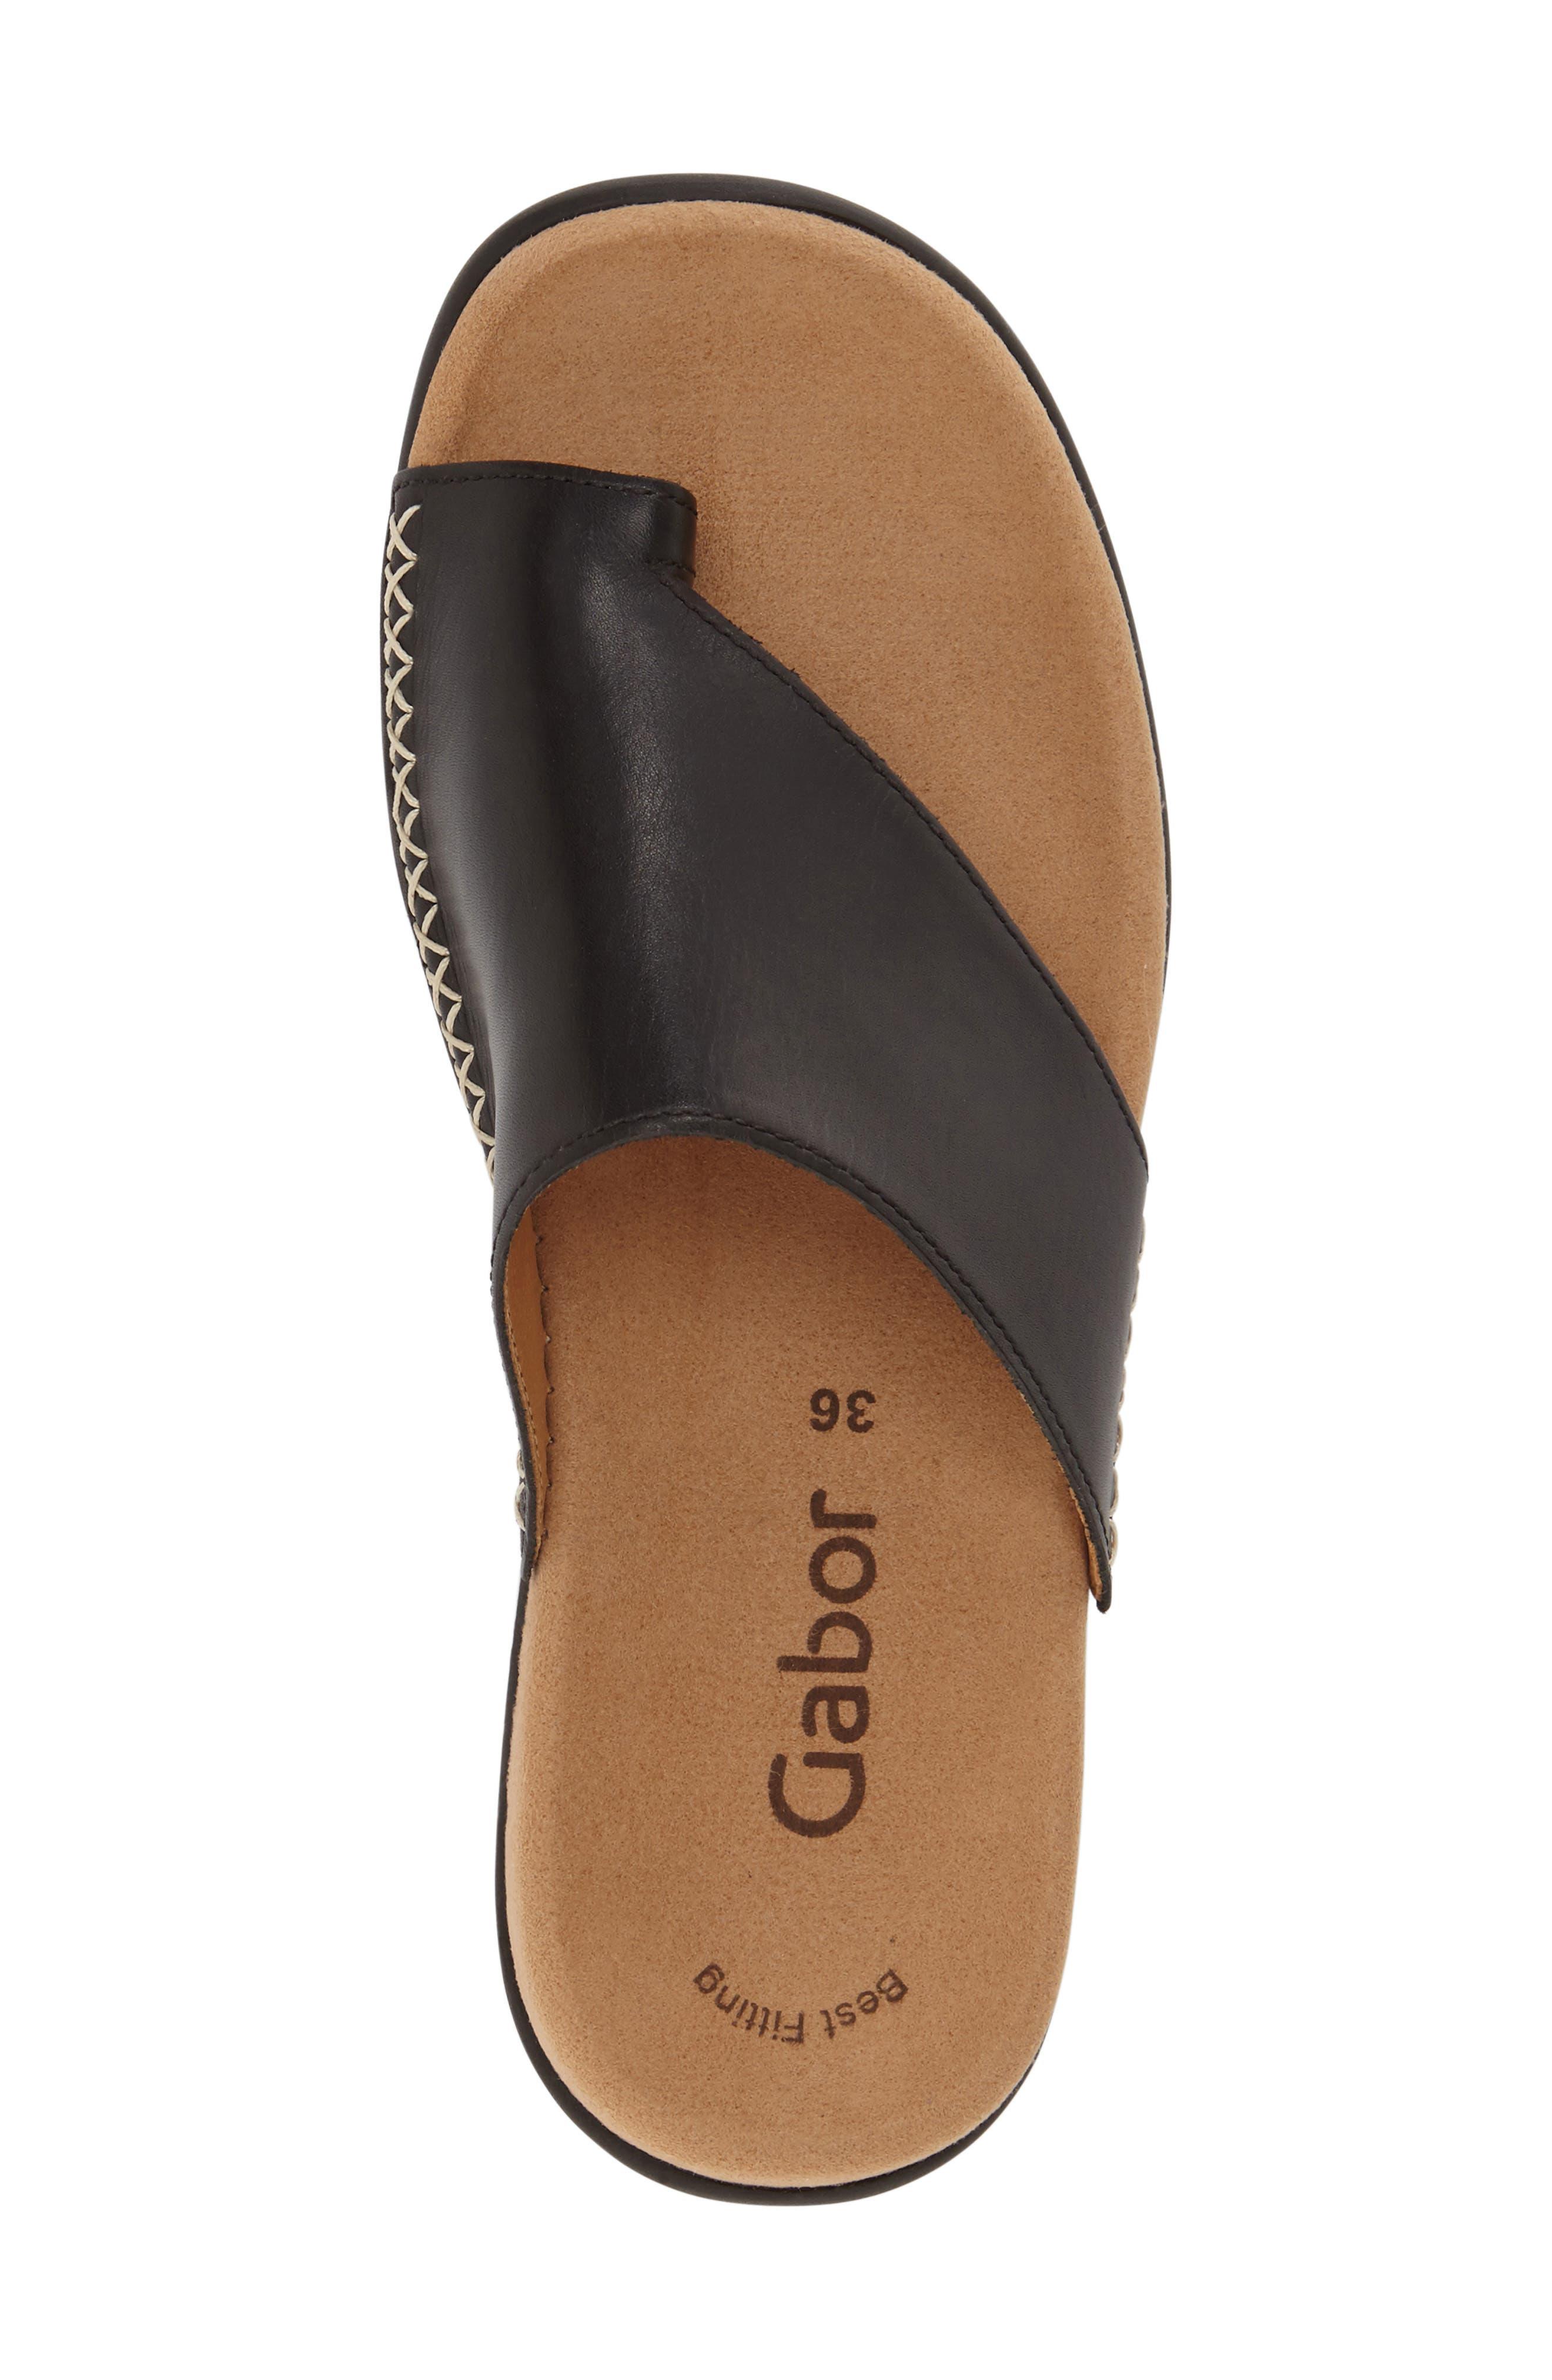 Toe Loop Sandal,                             Alternate thumbnail 5, color,                             BLACK NUBUCK LEATHER